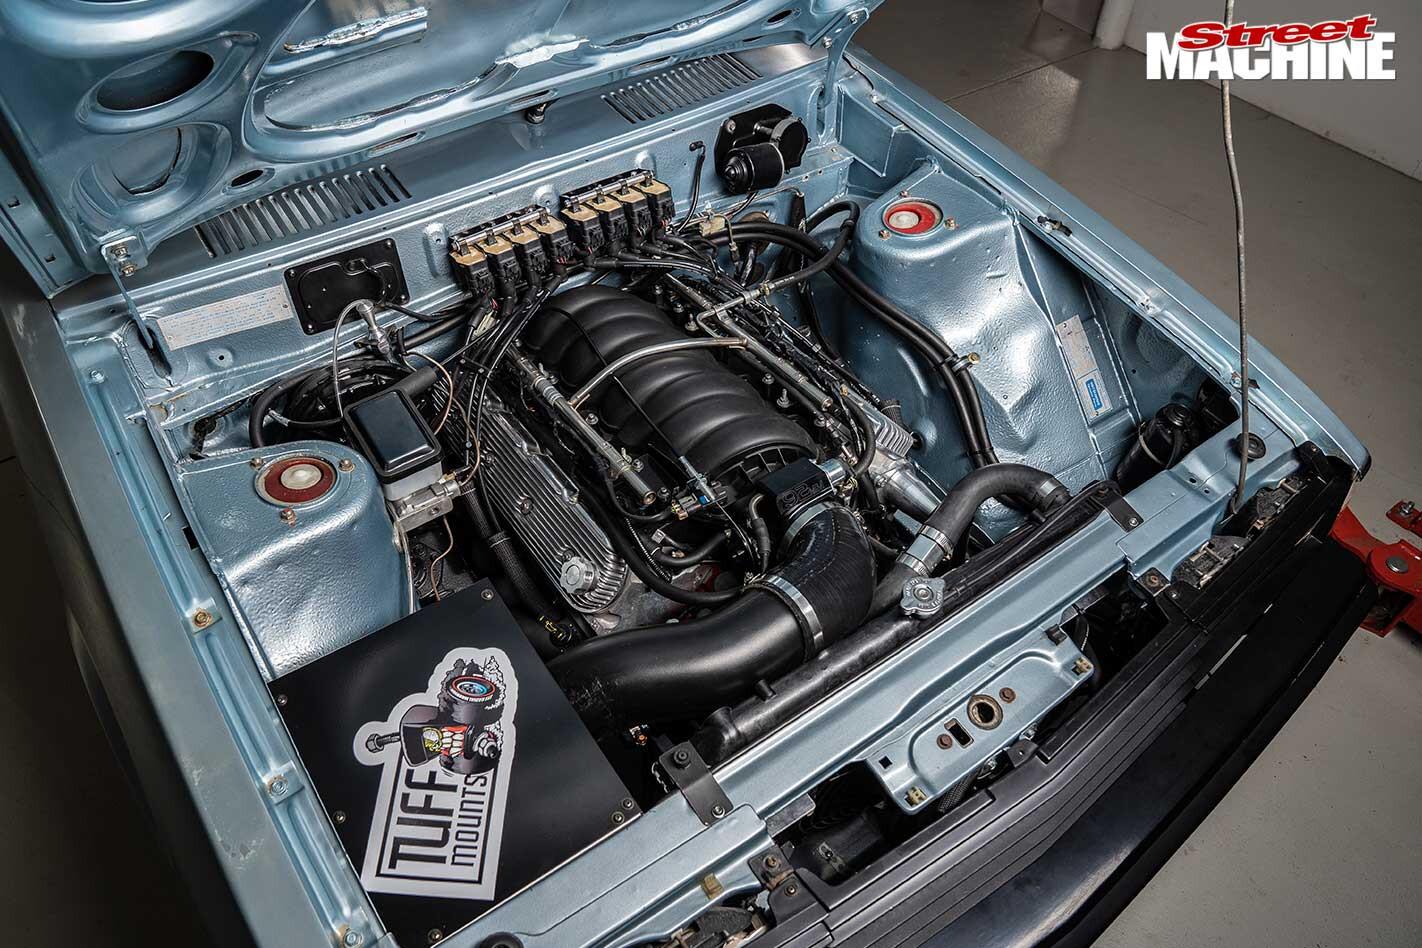 LS-powsered Mitsubishi Sigma